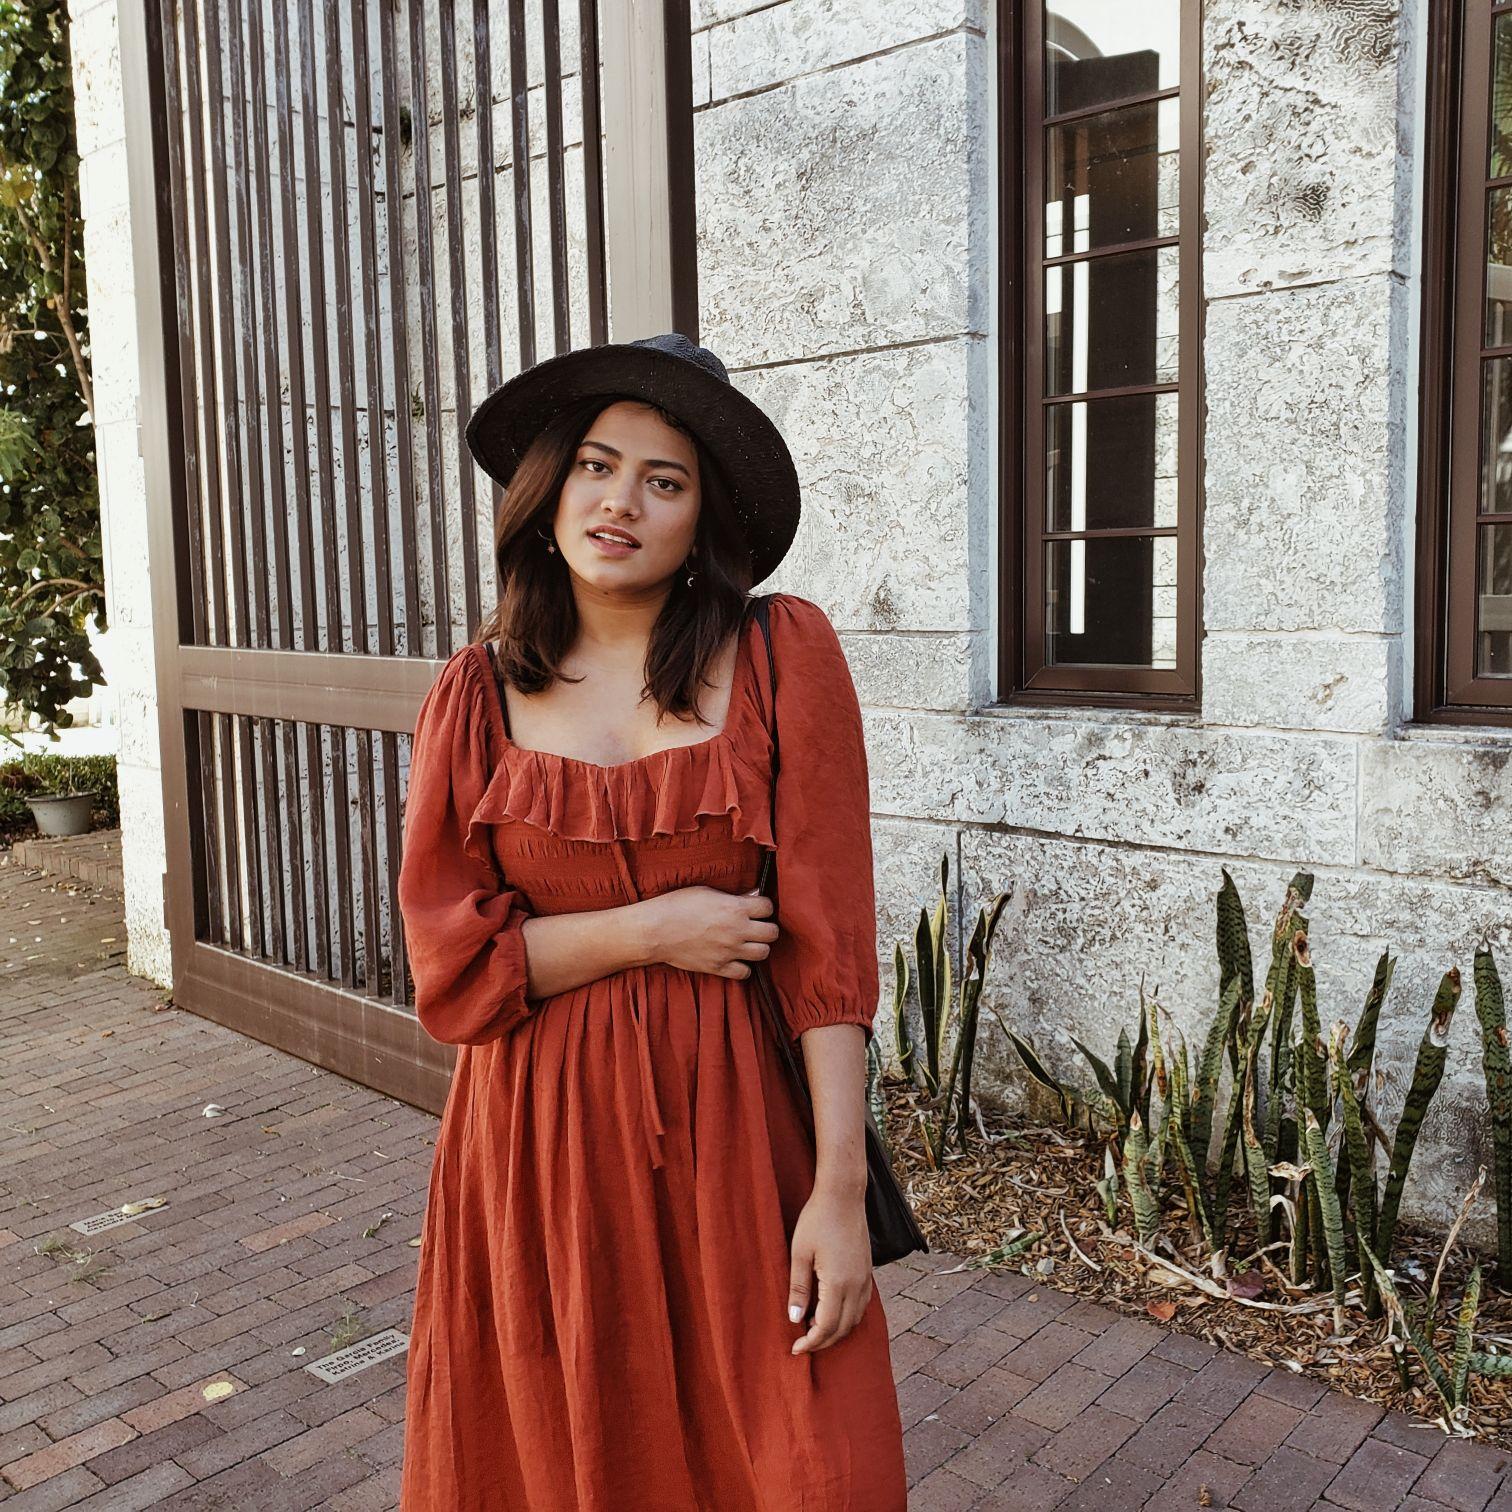 Miami Fashion Street Style Blogger Afroza Khan